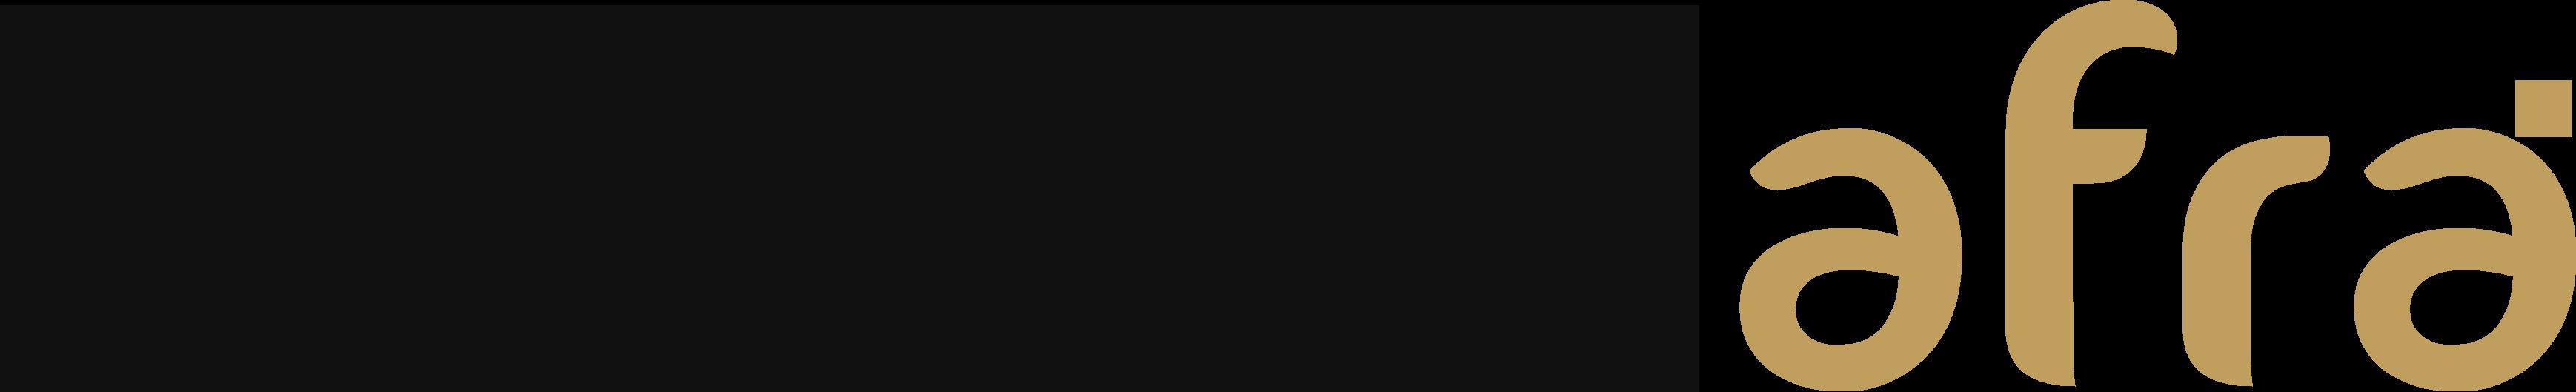 logo_modamafra